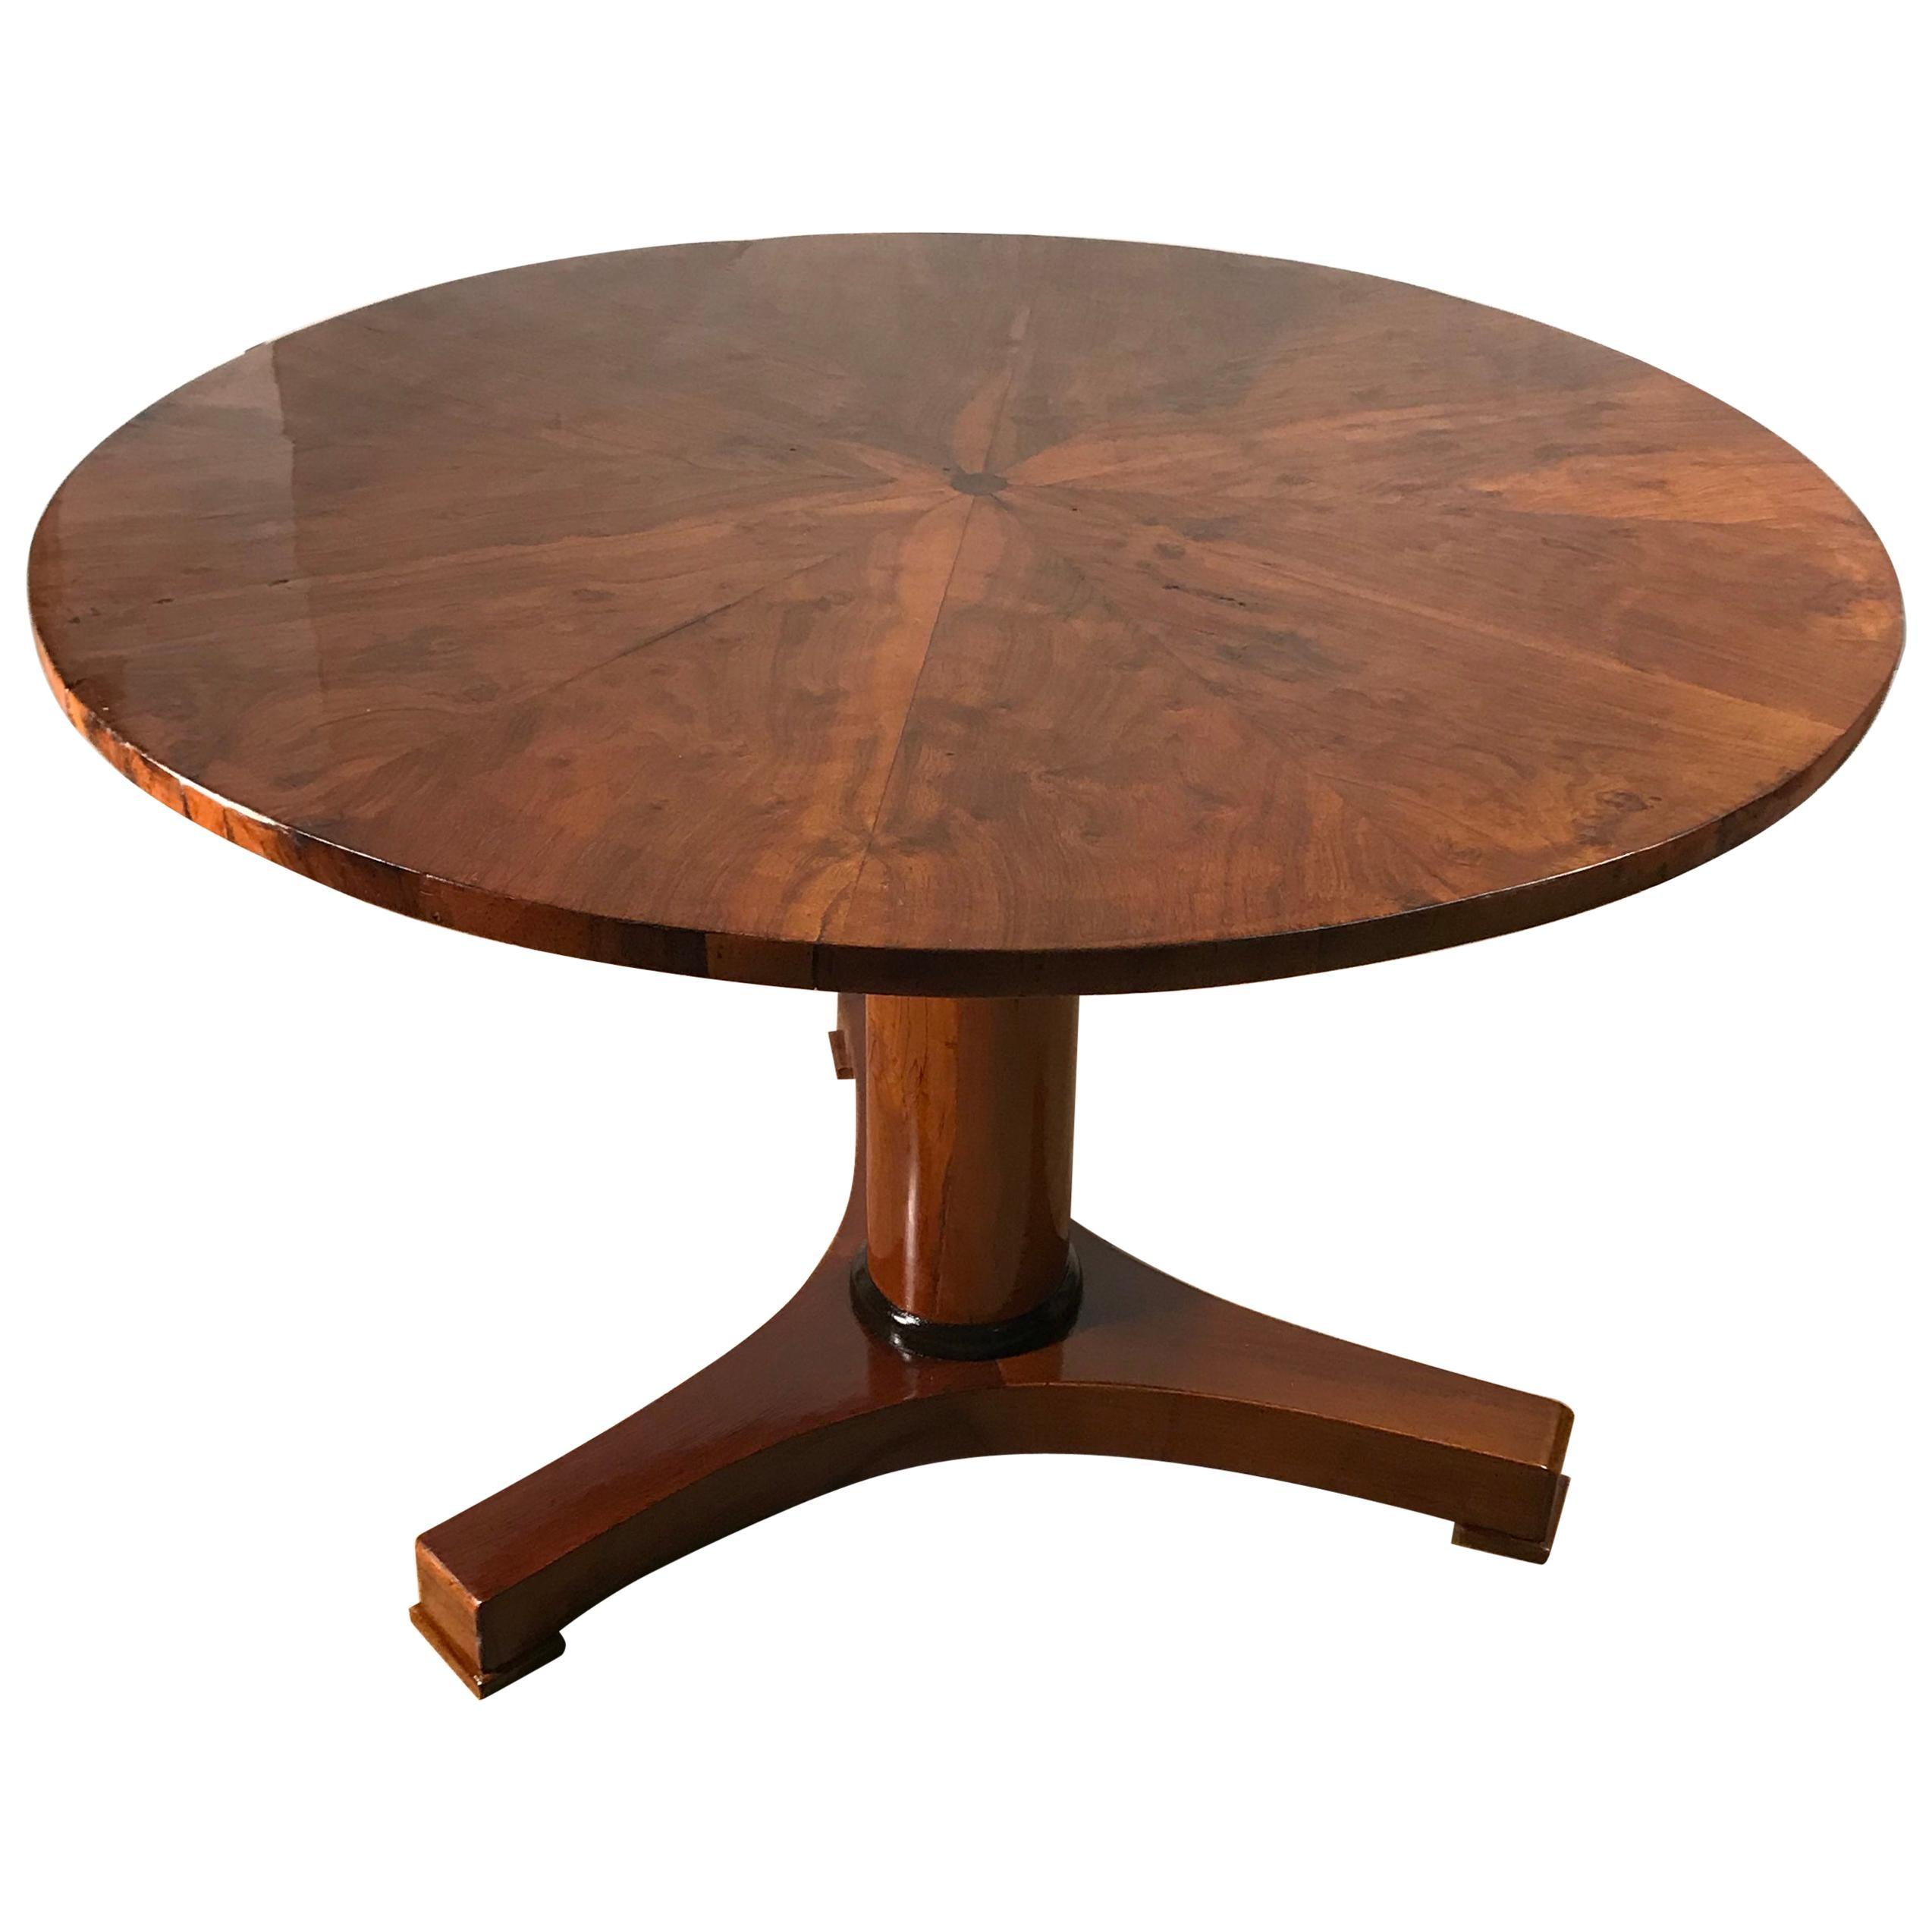 Biedermeier Table, Walnut Veneer, South German, 1820